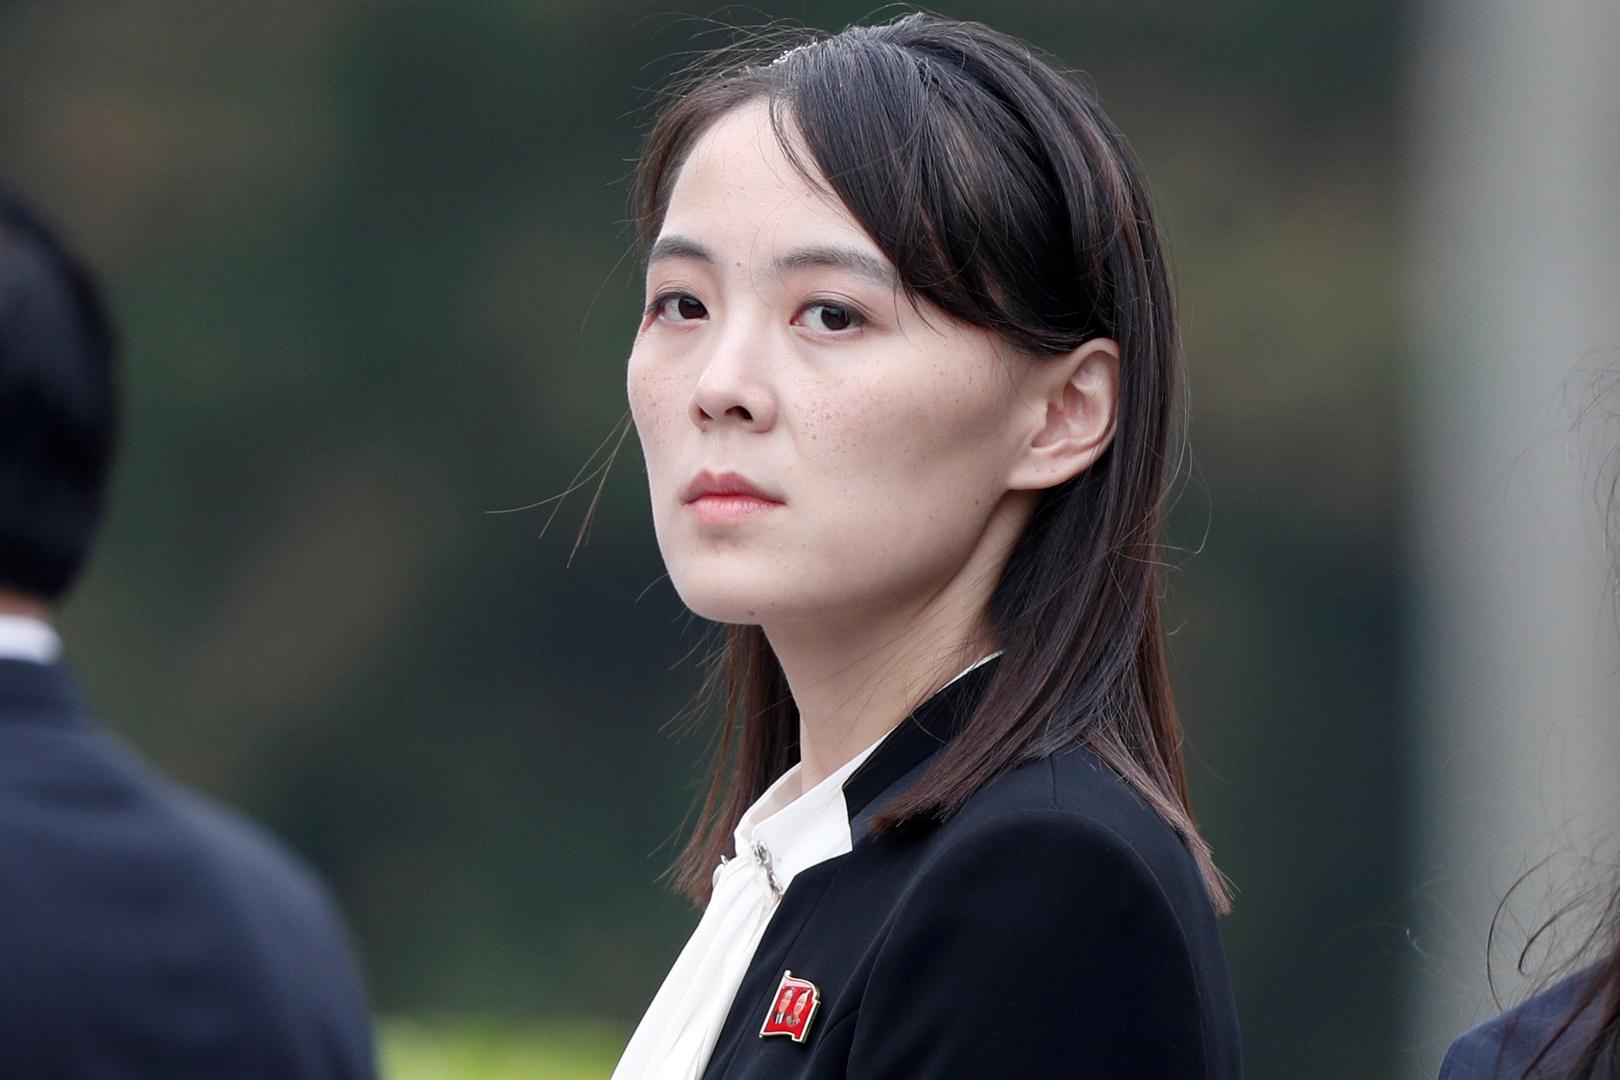 خفض رتبة شقيقة كيم يثير الشكوك حول دورها كـ